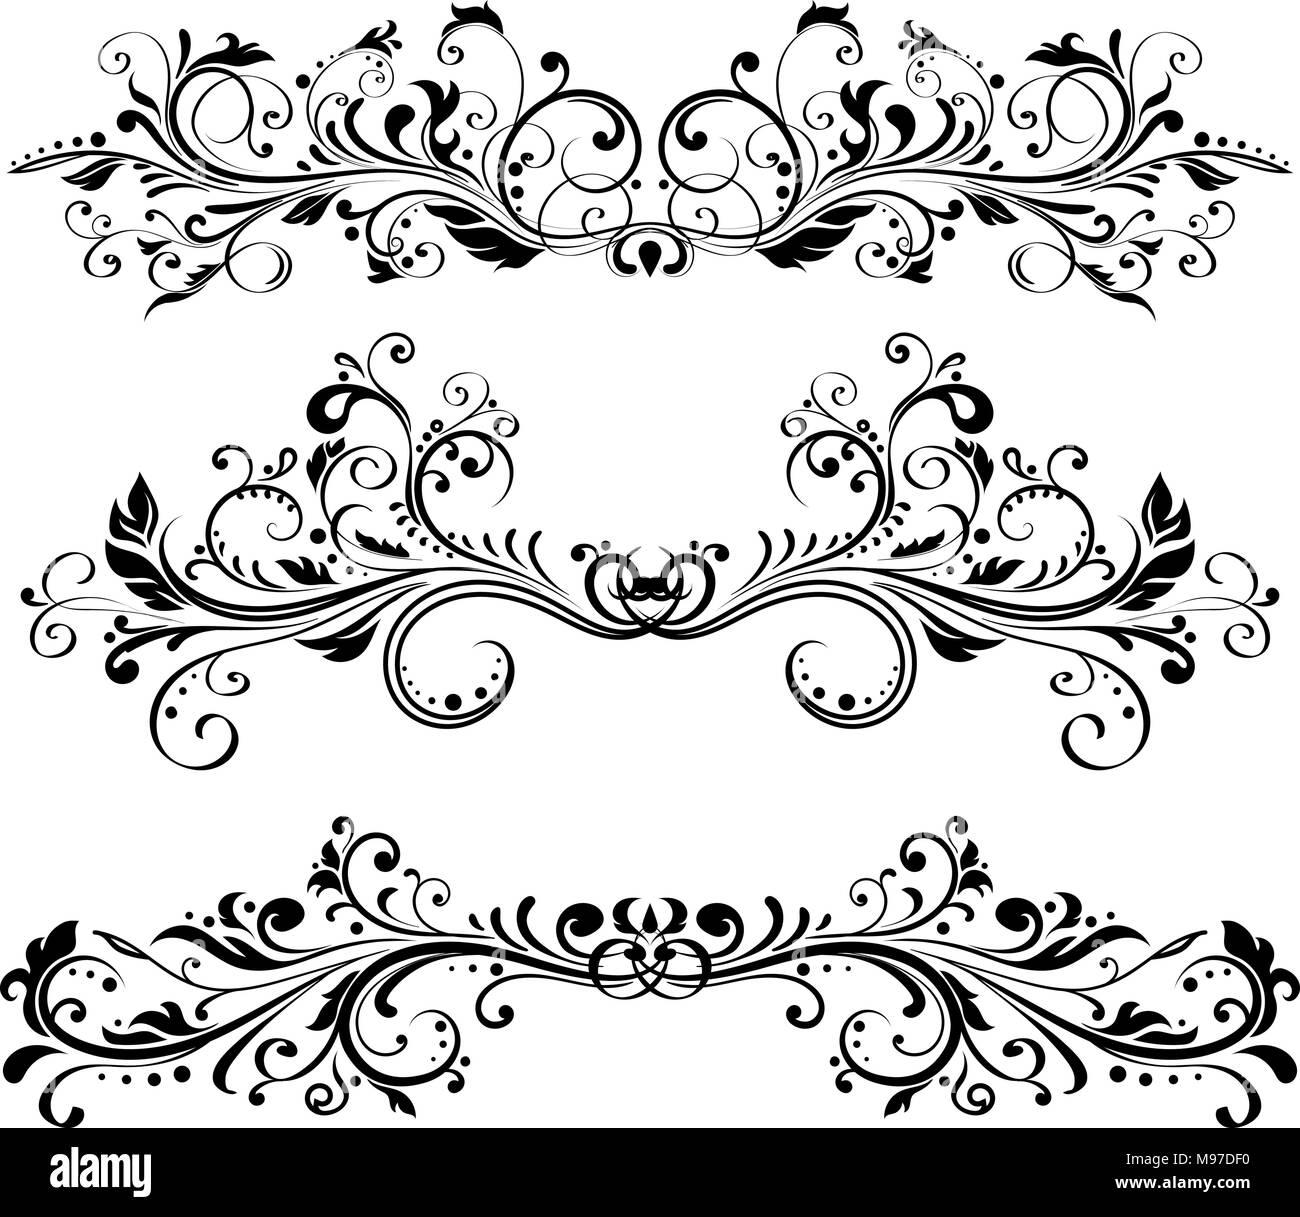 Vintage diviseurs. Ornements décoratifs floraux Photo Stock